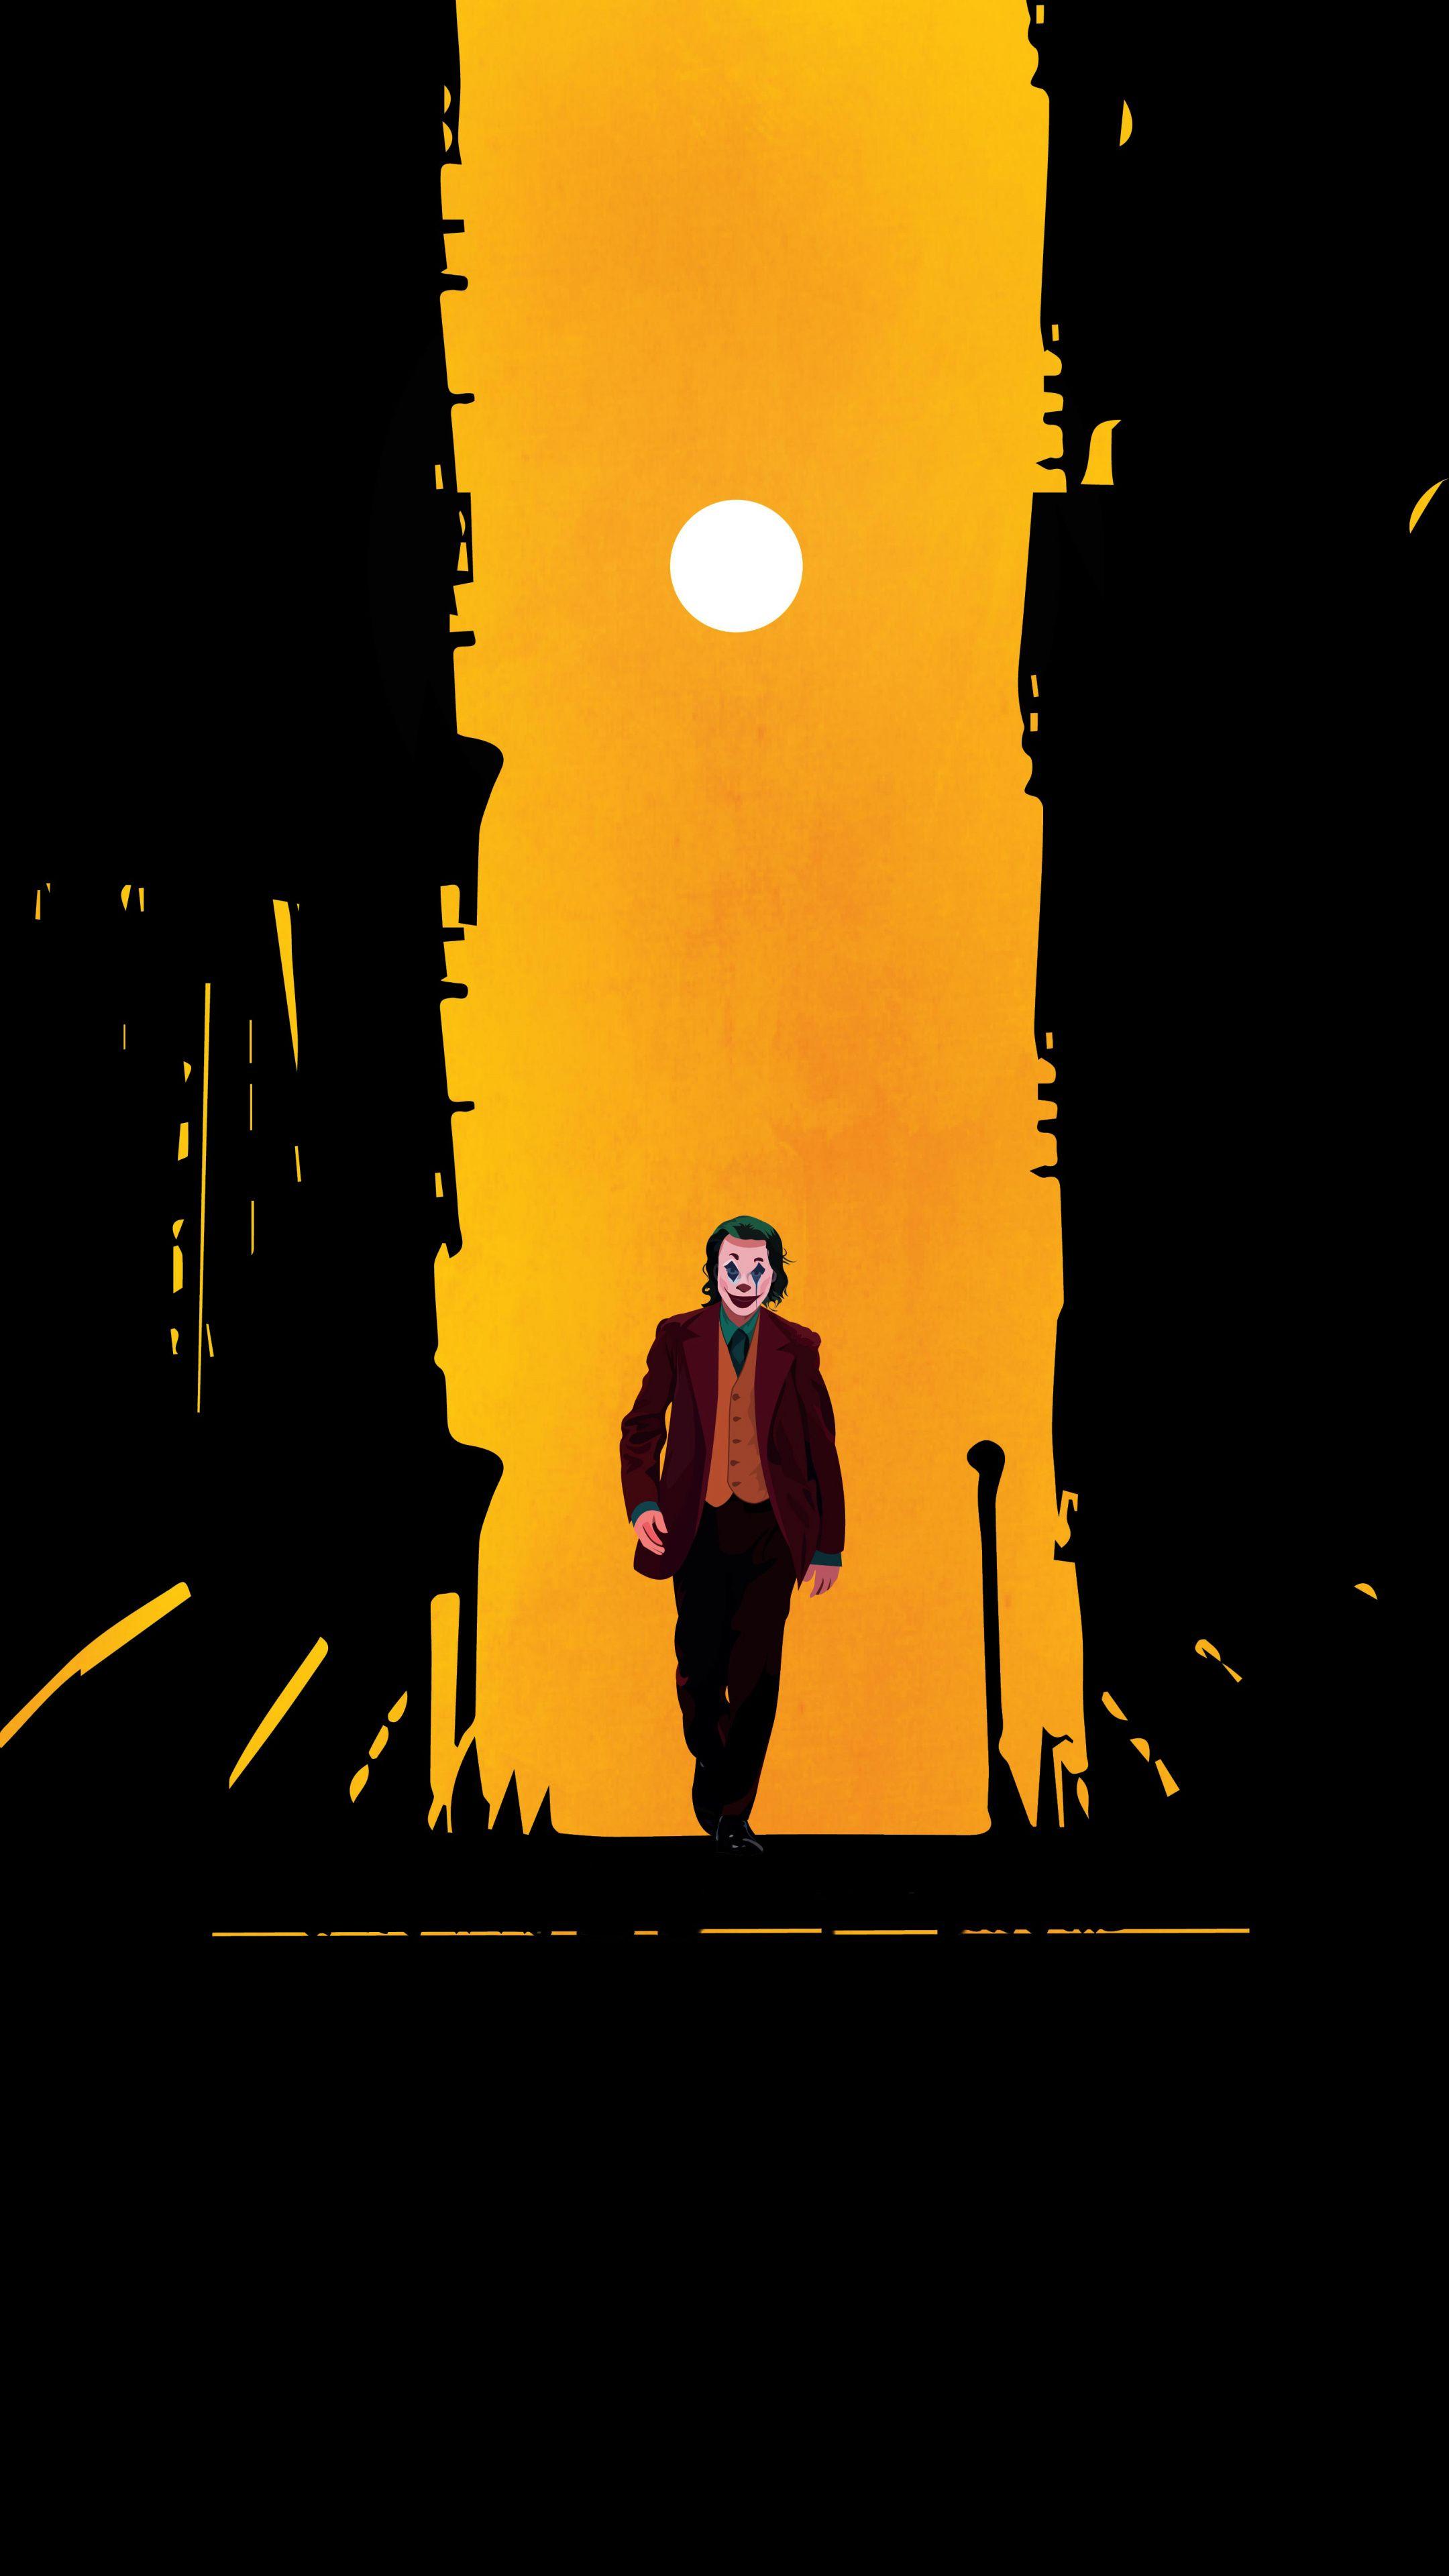 Fan art, Joker, 2020 movie, 2160x3840 wallpaper